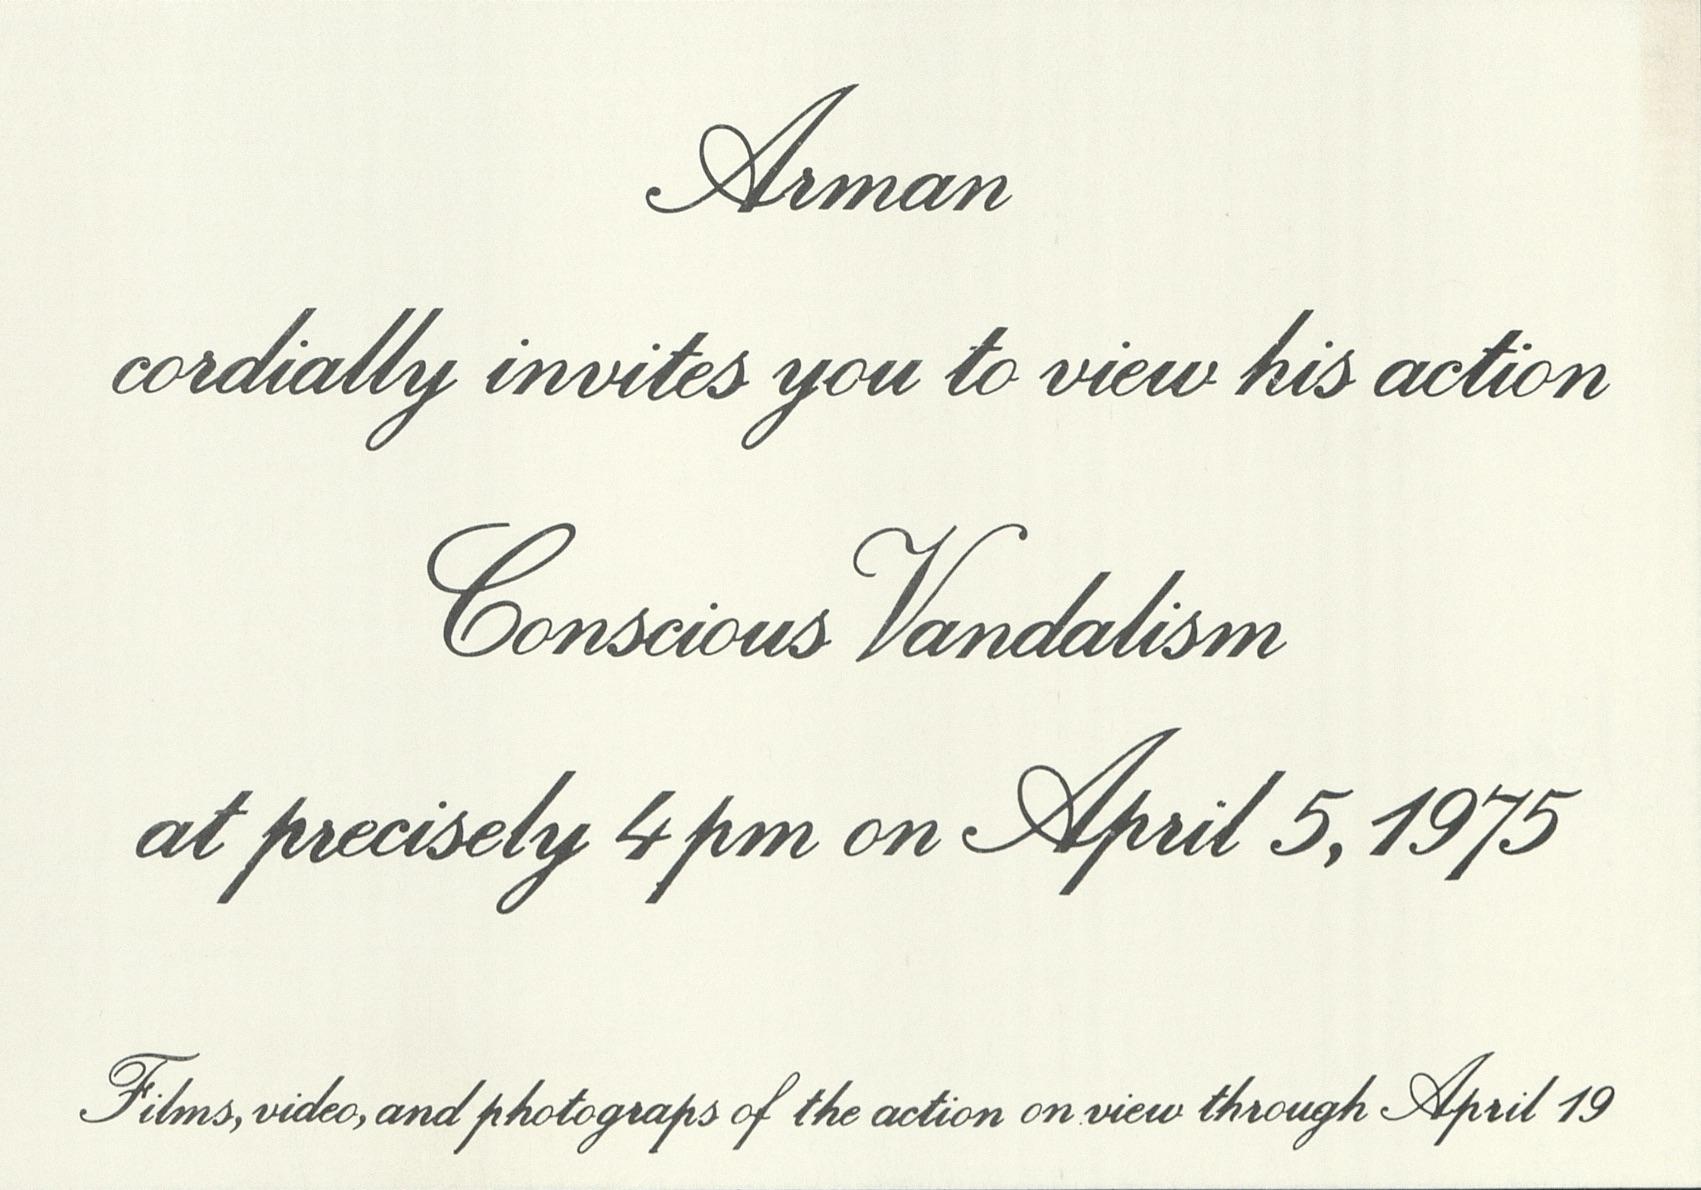 Arman, CONSCIOUS VANDALISM, John Gibson Gallery, New York 1975 (Invitation); Archiv der Avantgarden, Staatliche Kunstsammlungen Dresden